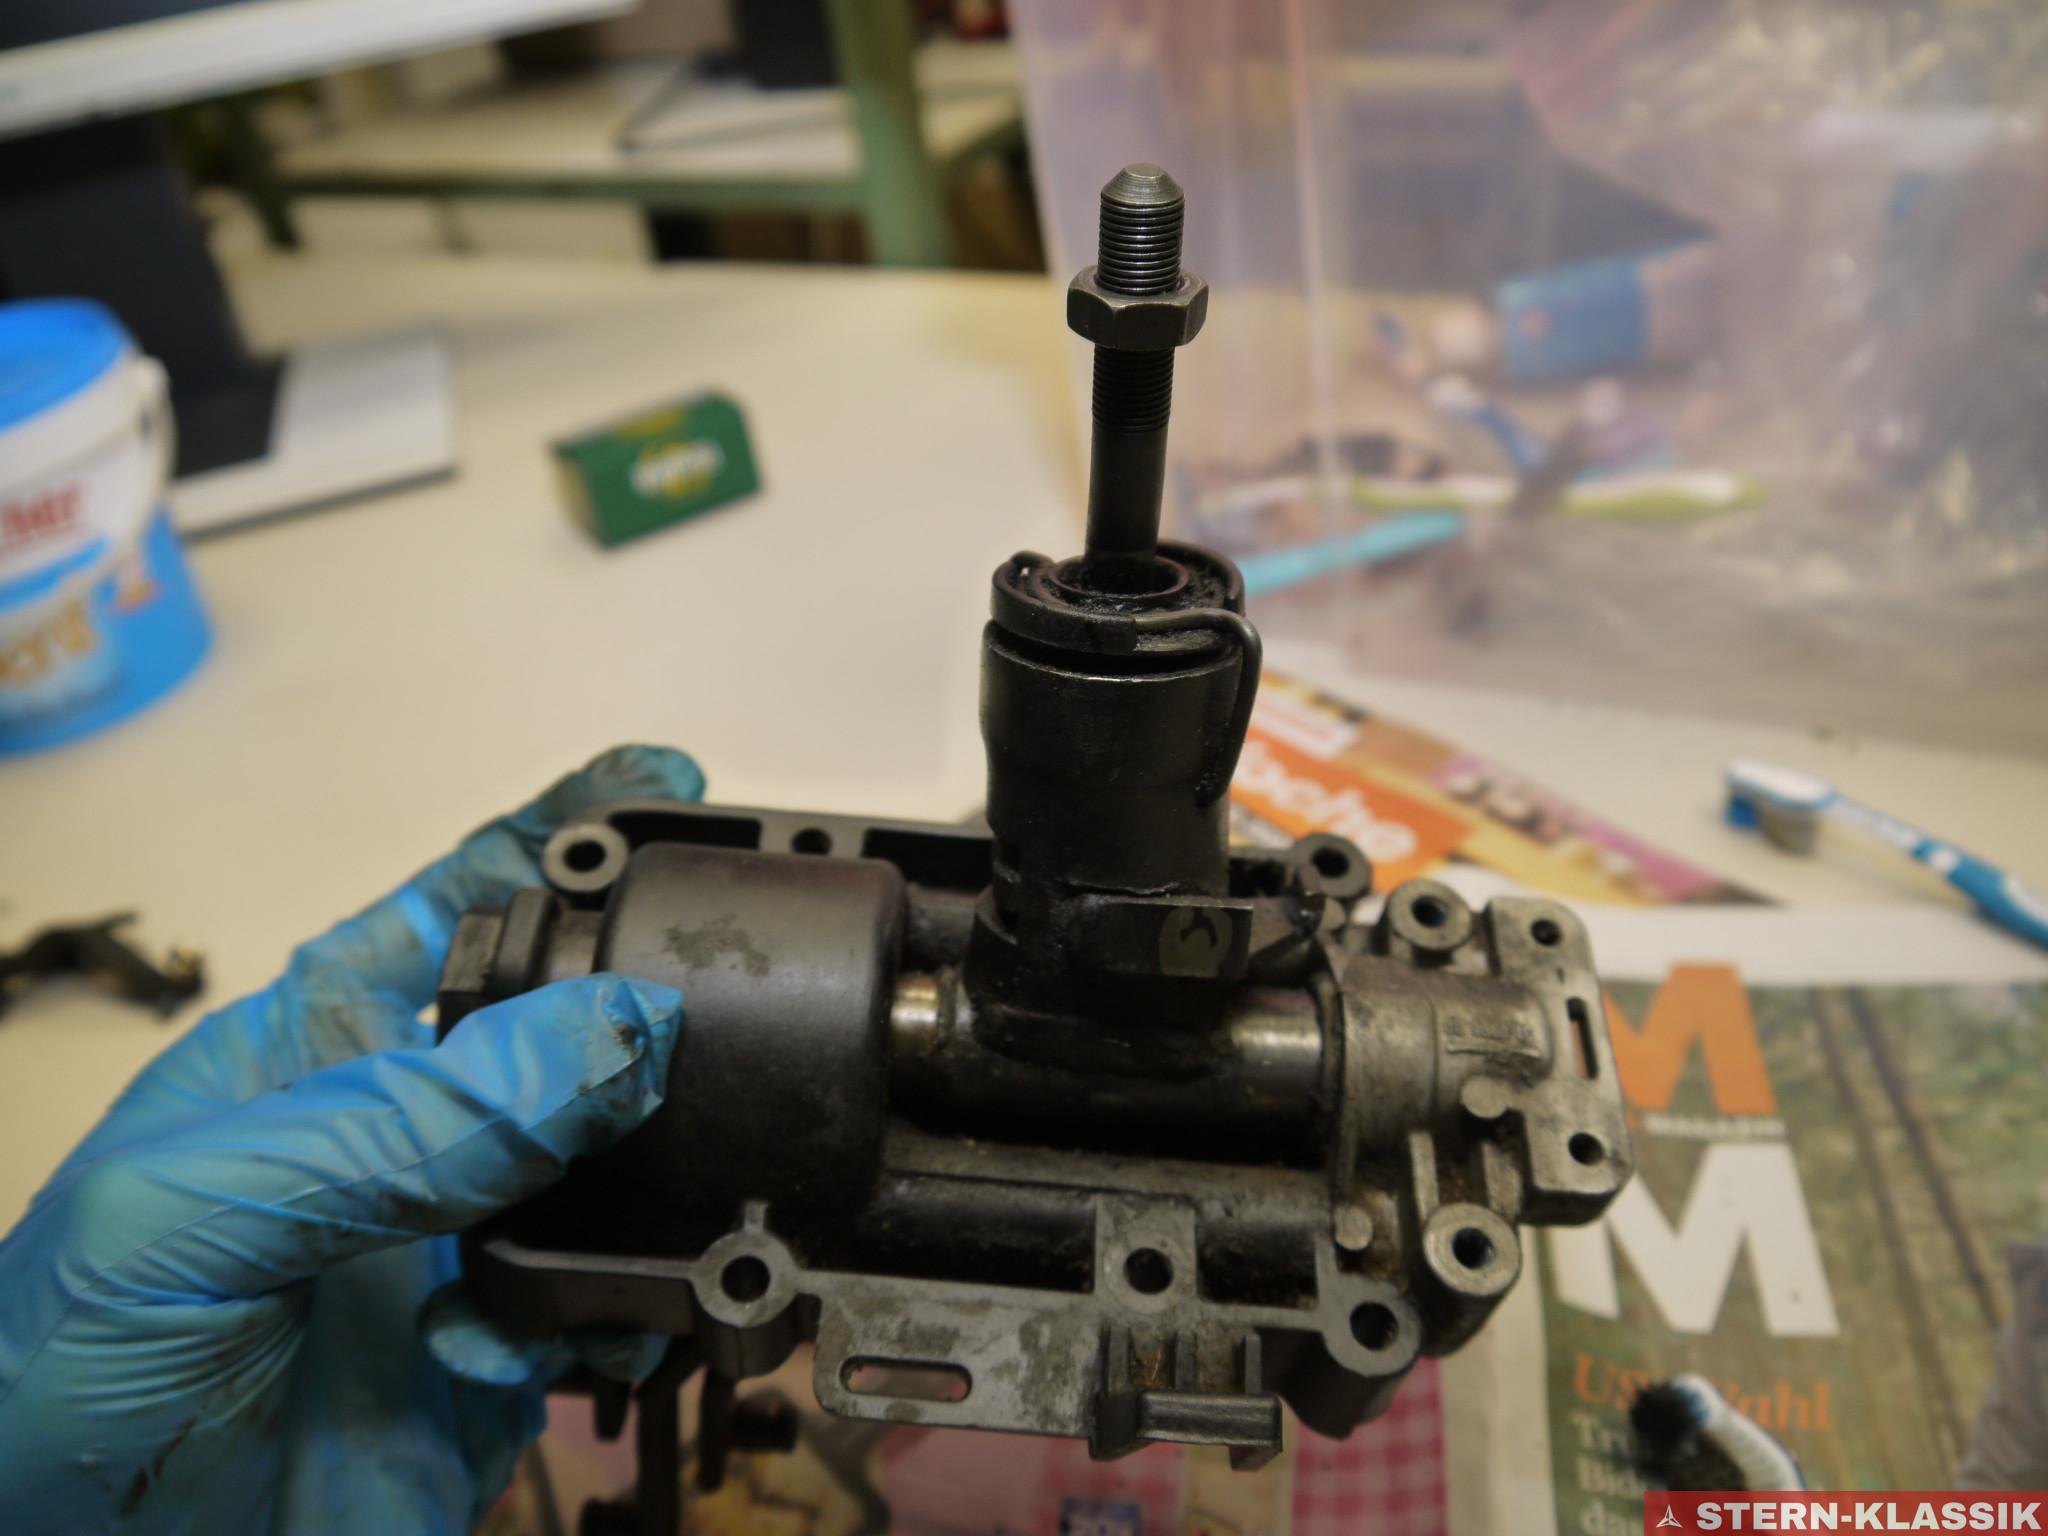 Teil 36: W460.332 (300 GD) – Schalthebel und Kupplungsgeberzylinder